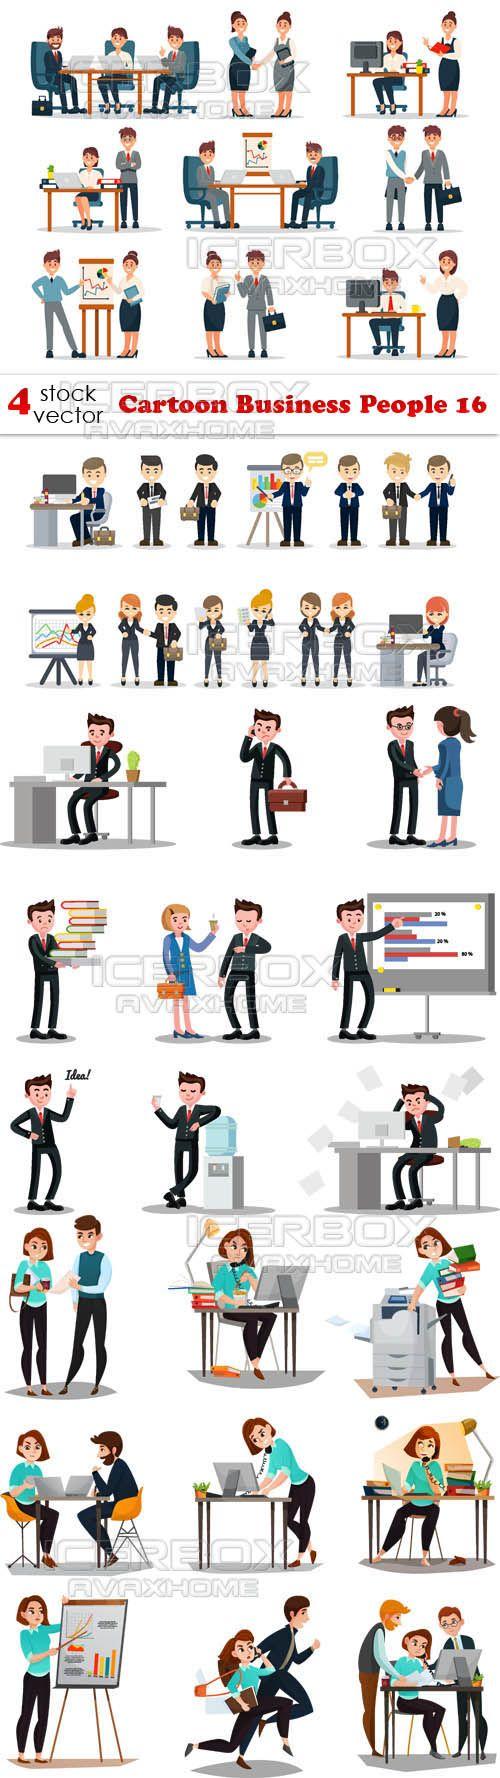 Vectors - Cartoon Business People 16